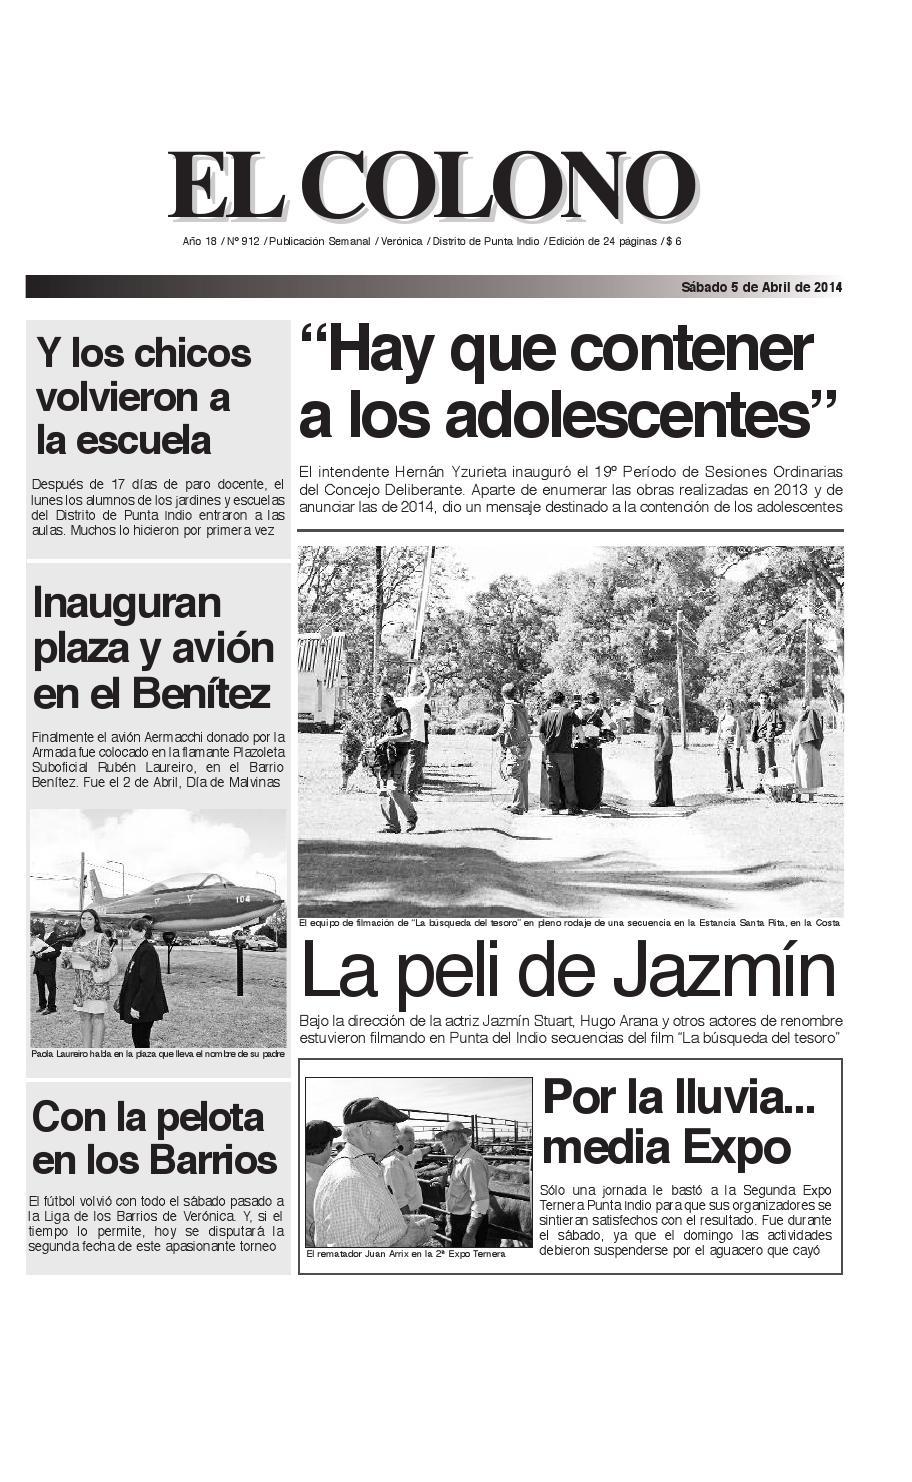 el-colono-5-04-14-de-24_el-colono-25-7-09-en-24 by El Colono de ...